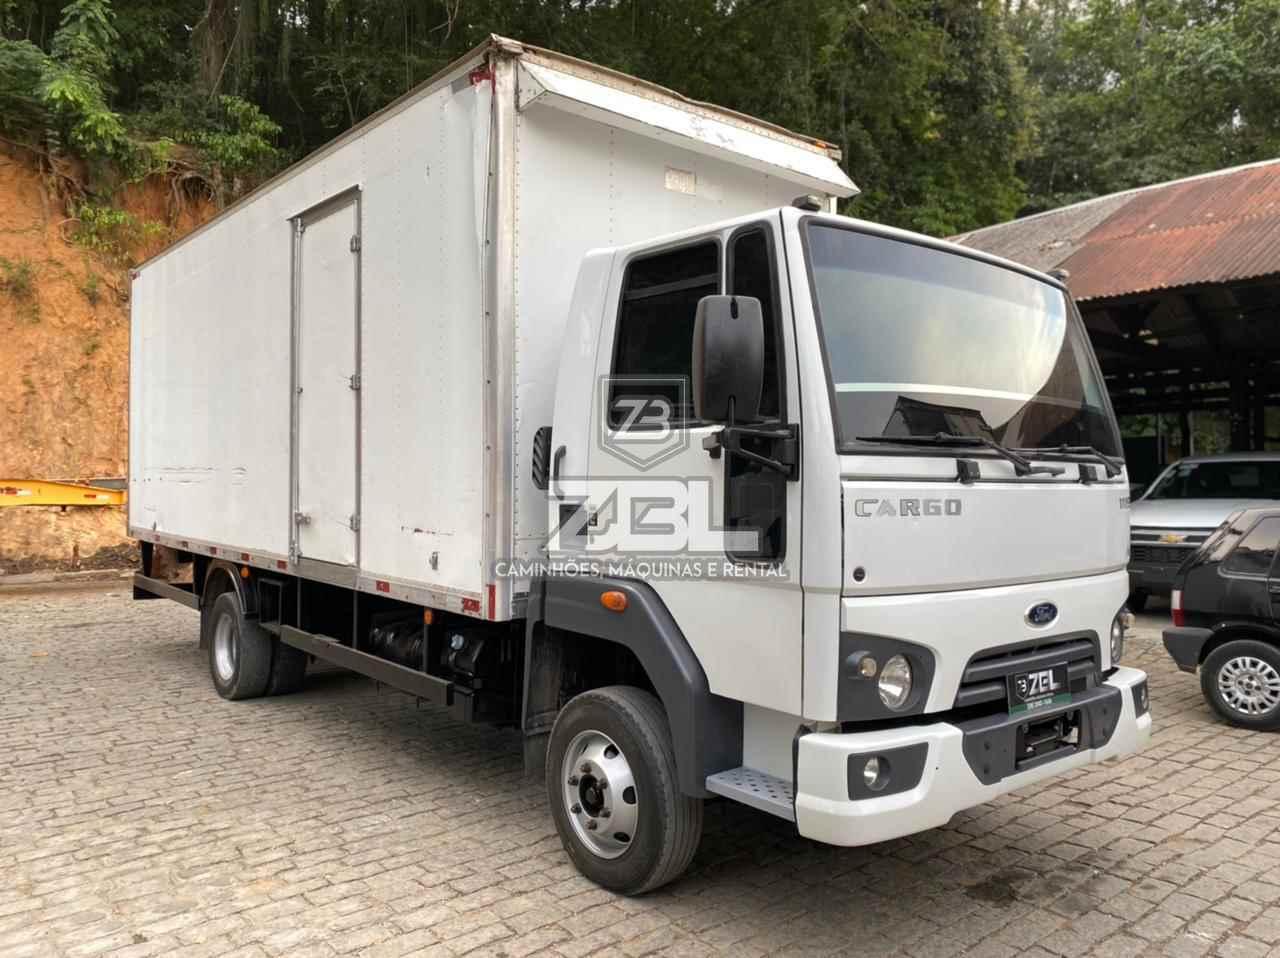 CAMINHAO FORD CARGO 1119 Baú Furgão 3/4 4x2 ZBL Caminhões CASTELO ESPÍRITO SANTO ES